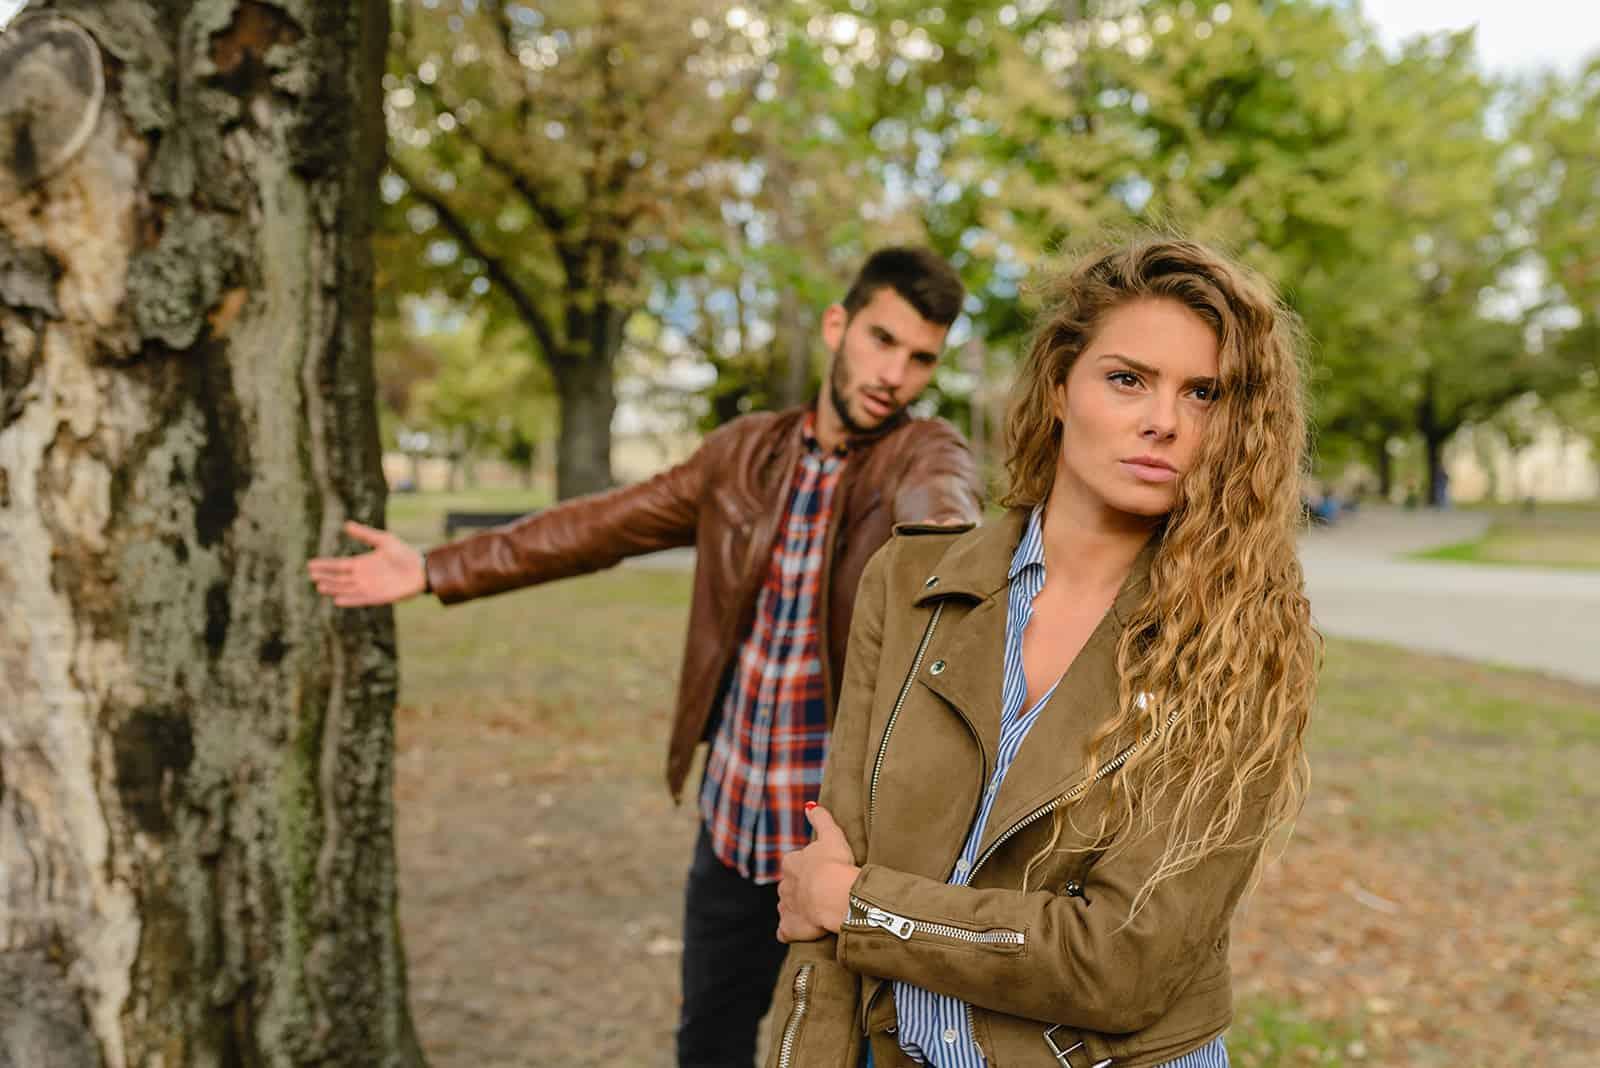 Eine verärgerte Frau, die sich von einem Mann abwendet, der versucht, ihr im Park etwas zu erklären